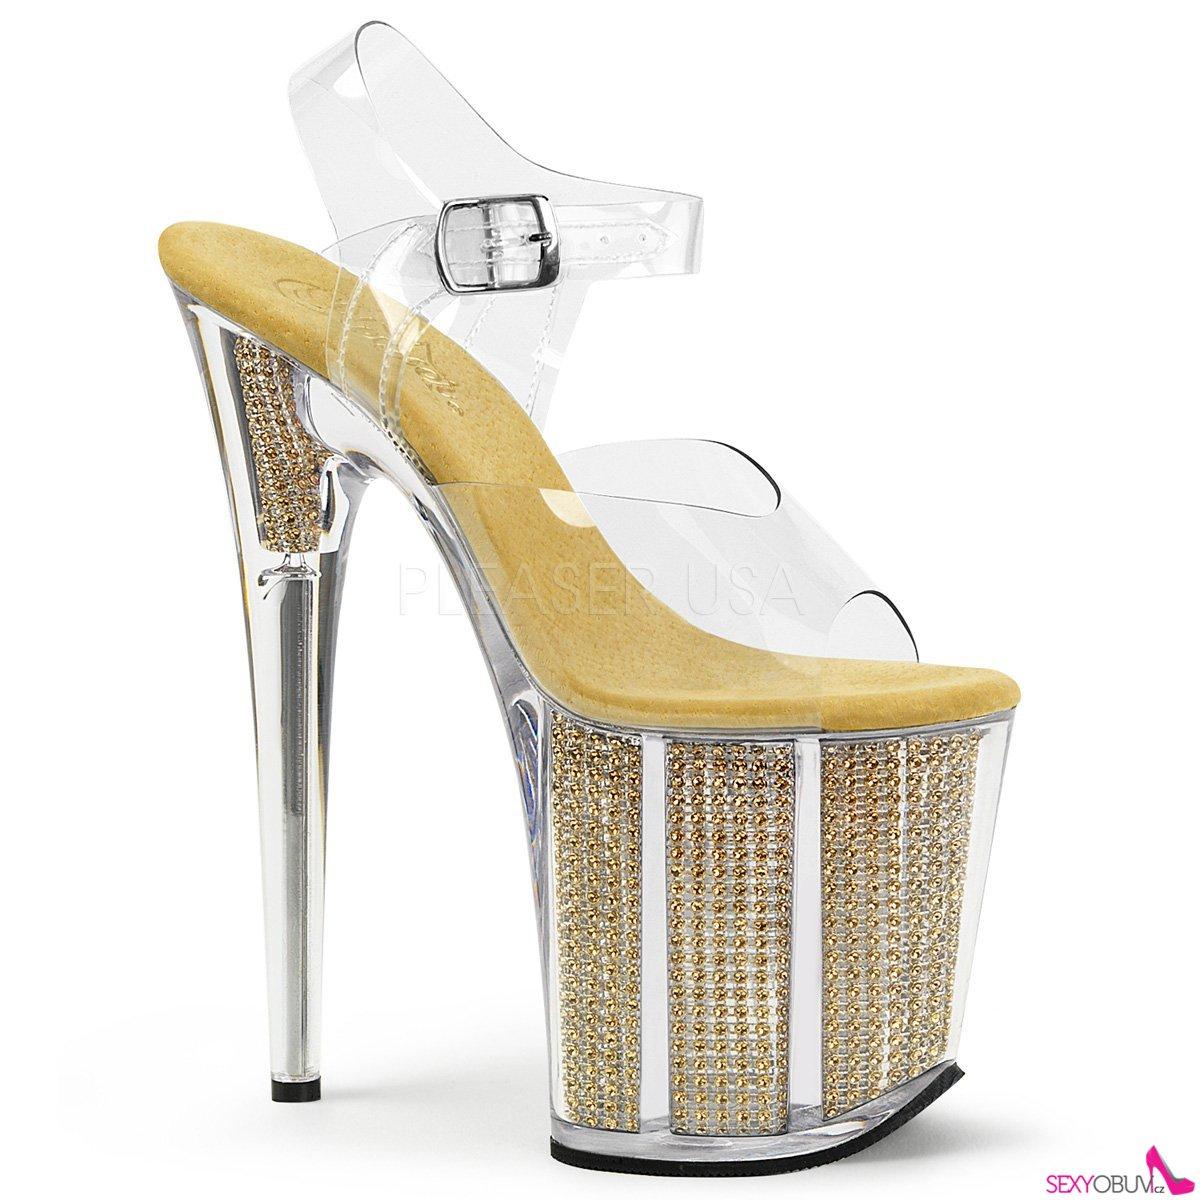 81f7b6bbcc54 FLAMINGO-808SRS Vysoké zlaté dámské sandále